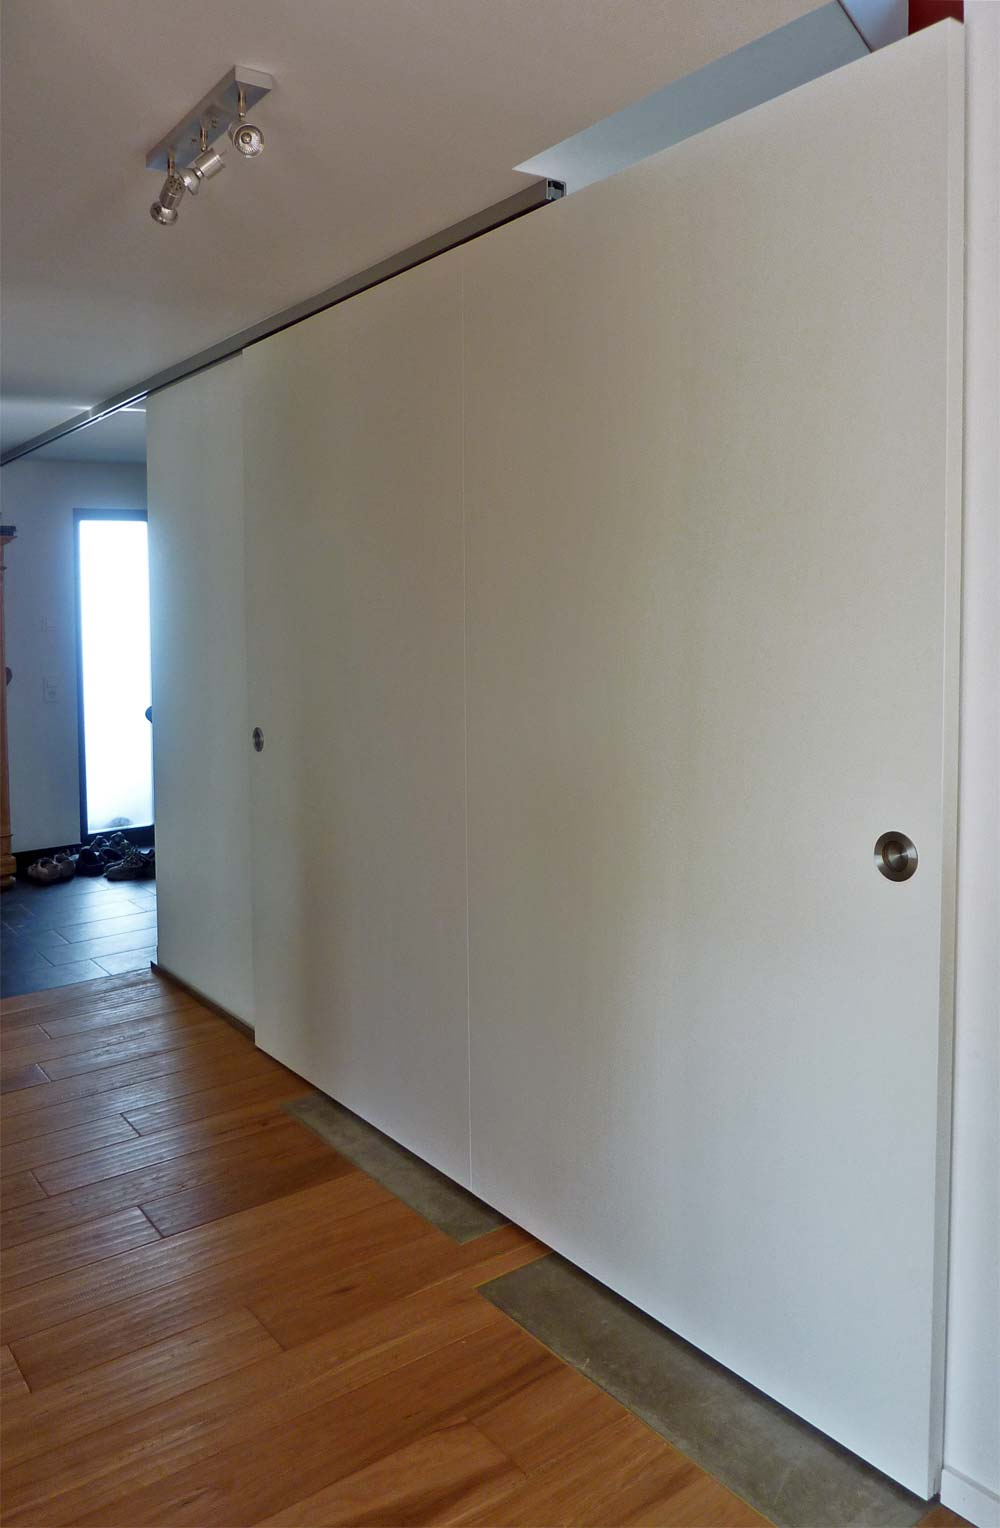 Schiebetüre als Raumteiler sowie Schallschutz für das Treppenhaus.